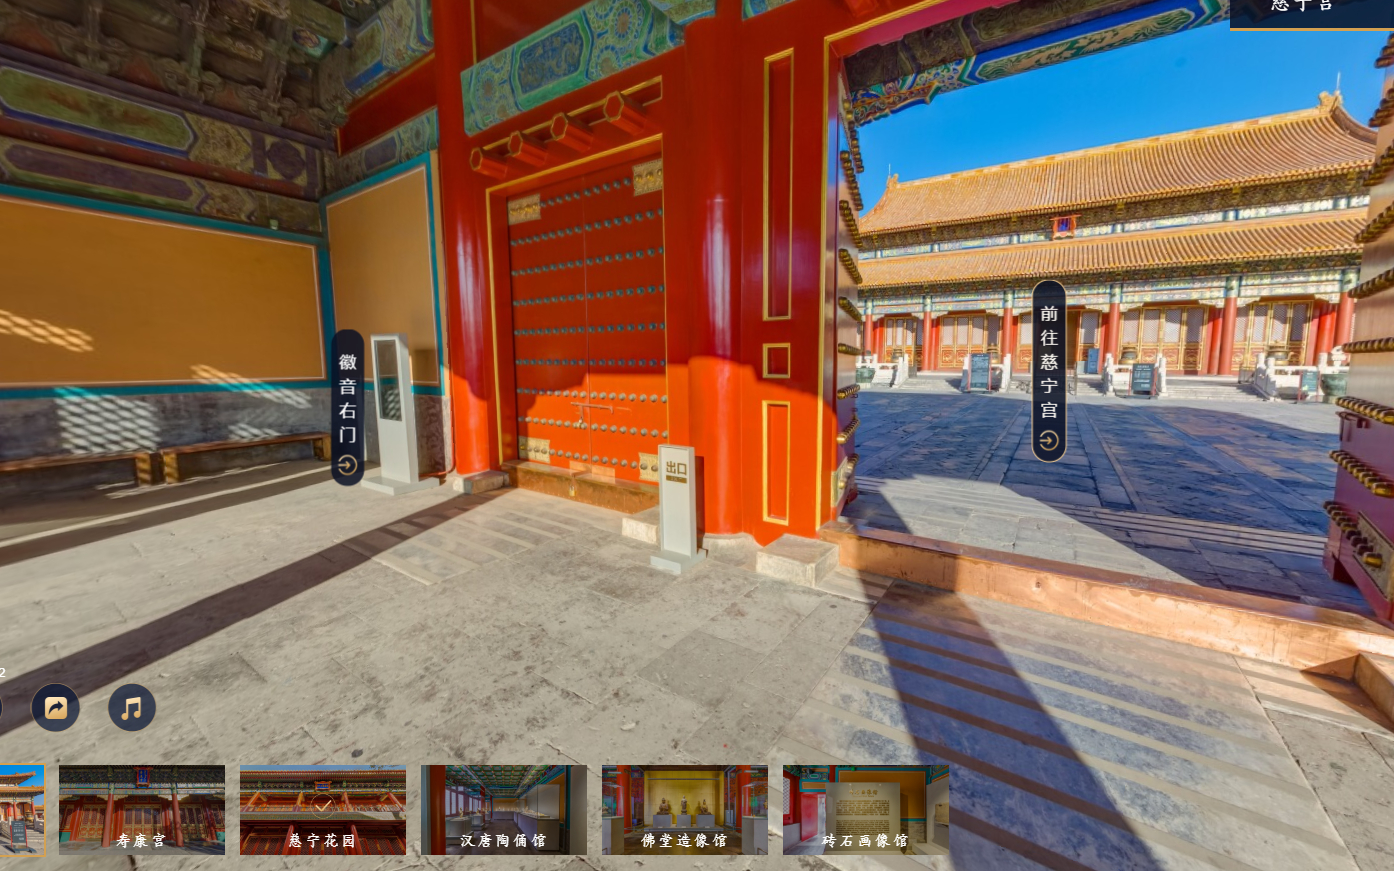 【趣站】一个让你身临其境看故宫的网站-全景故宫- ACG17.COM